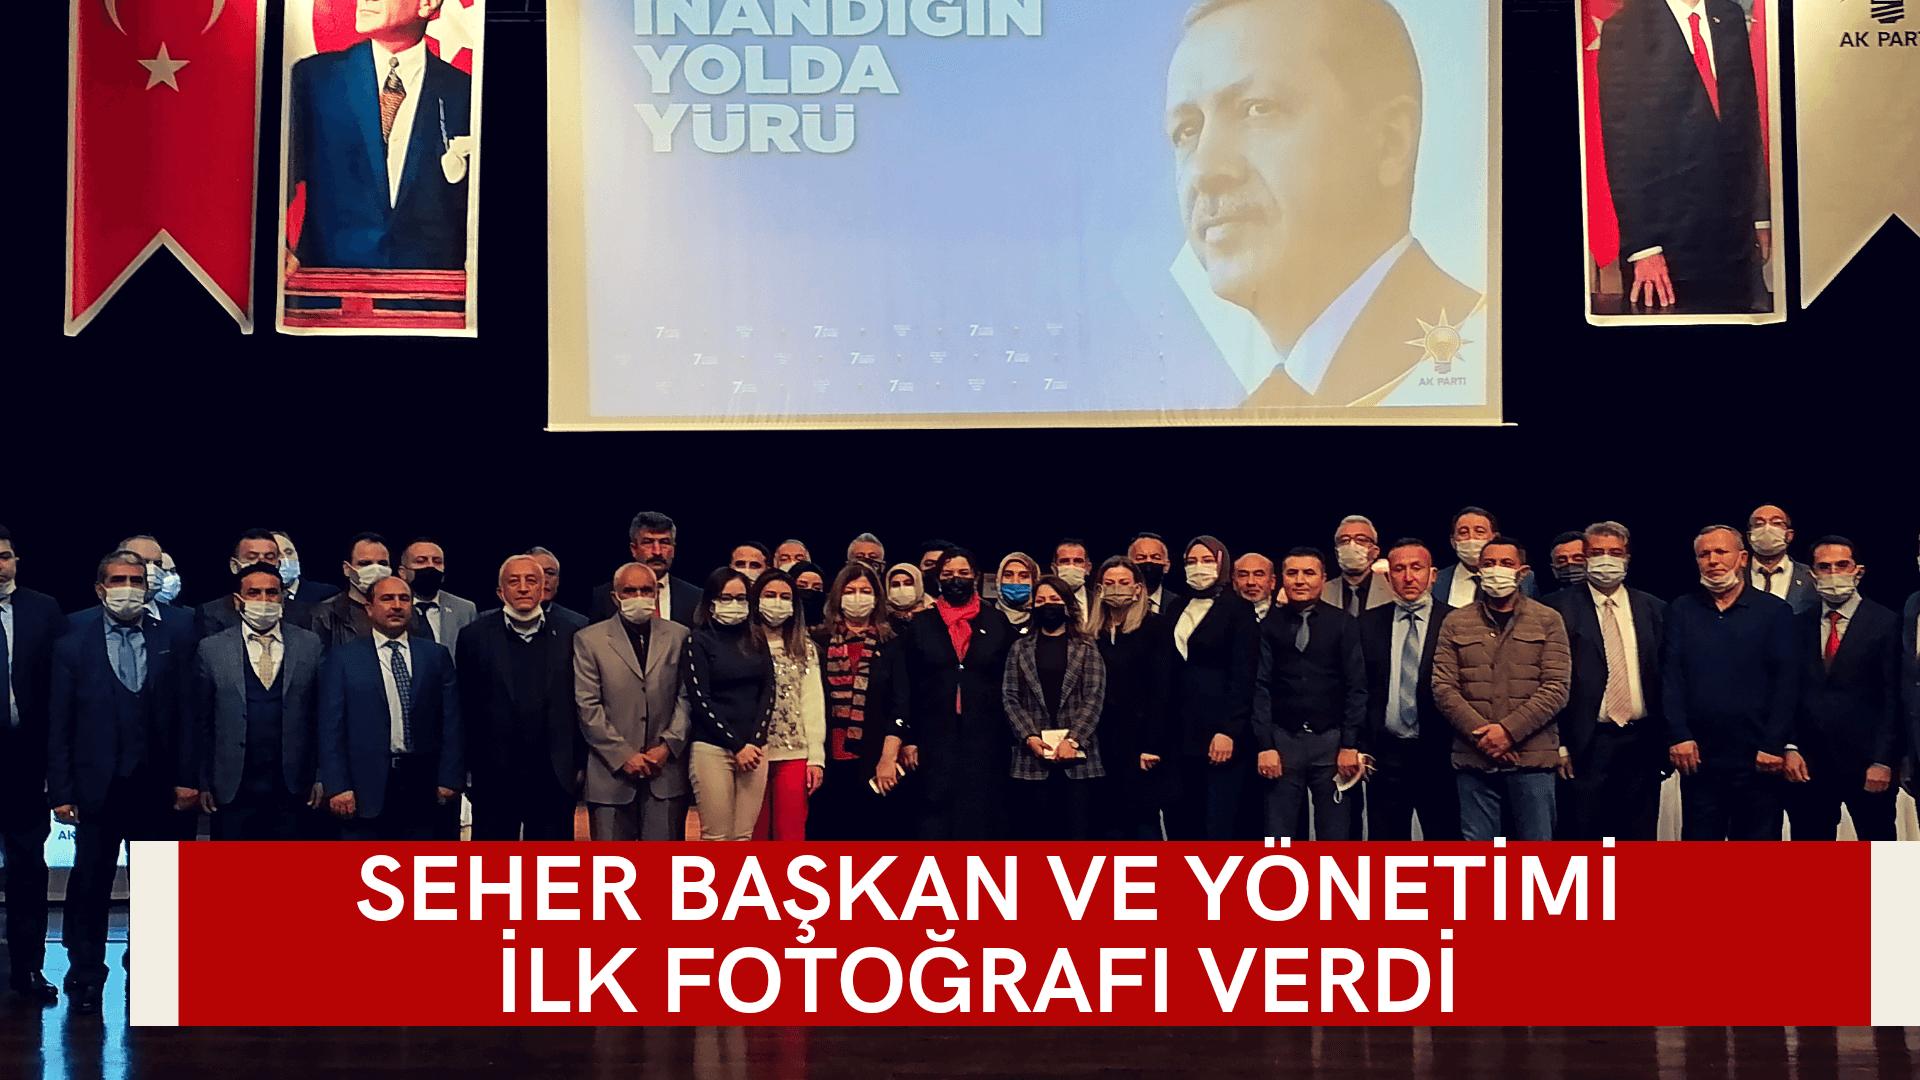 Seher Başkan yönetimiyle ilk fotoğrafı verdi